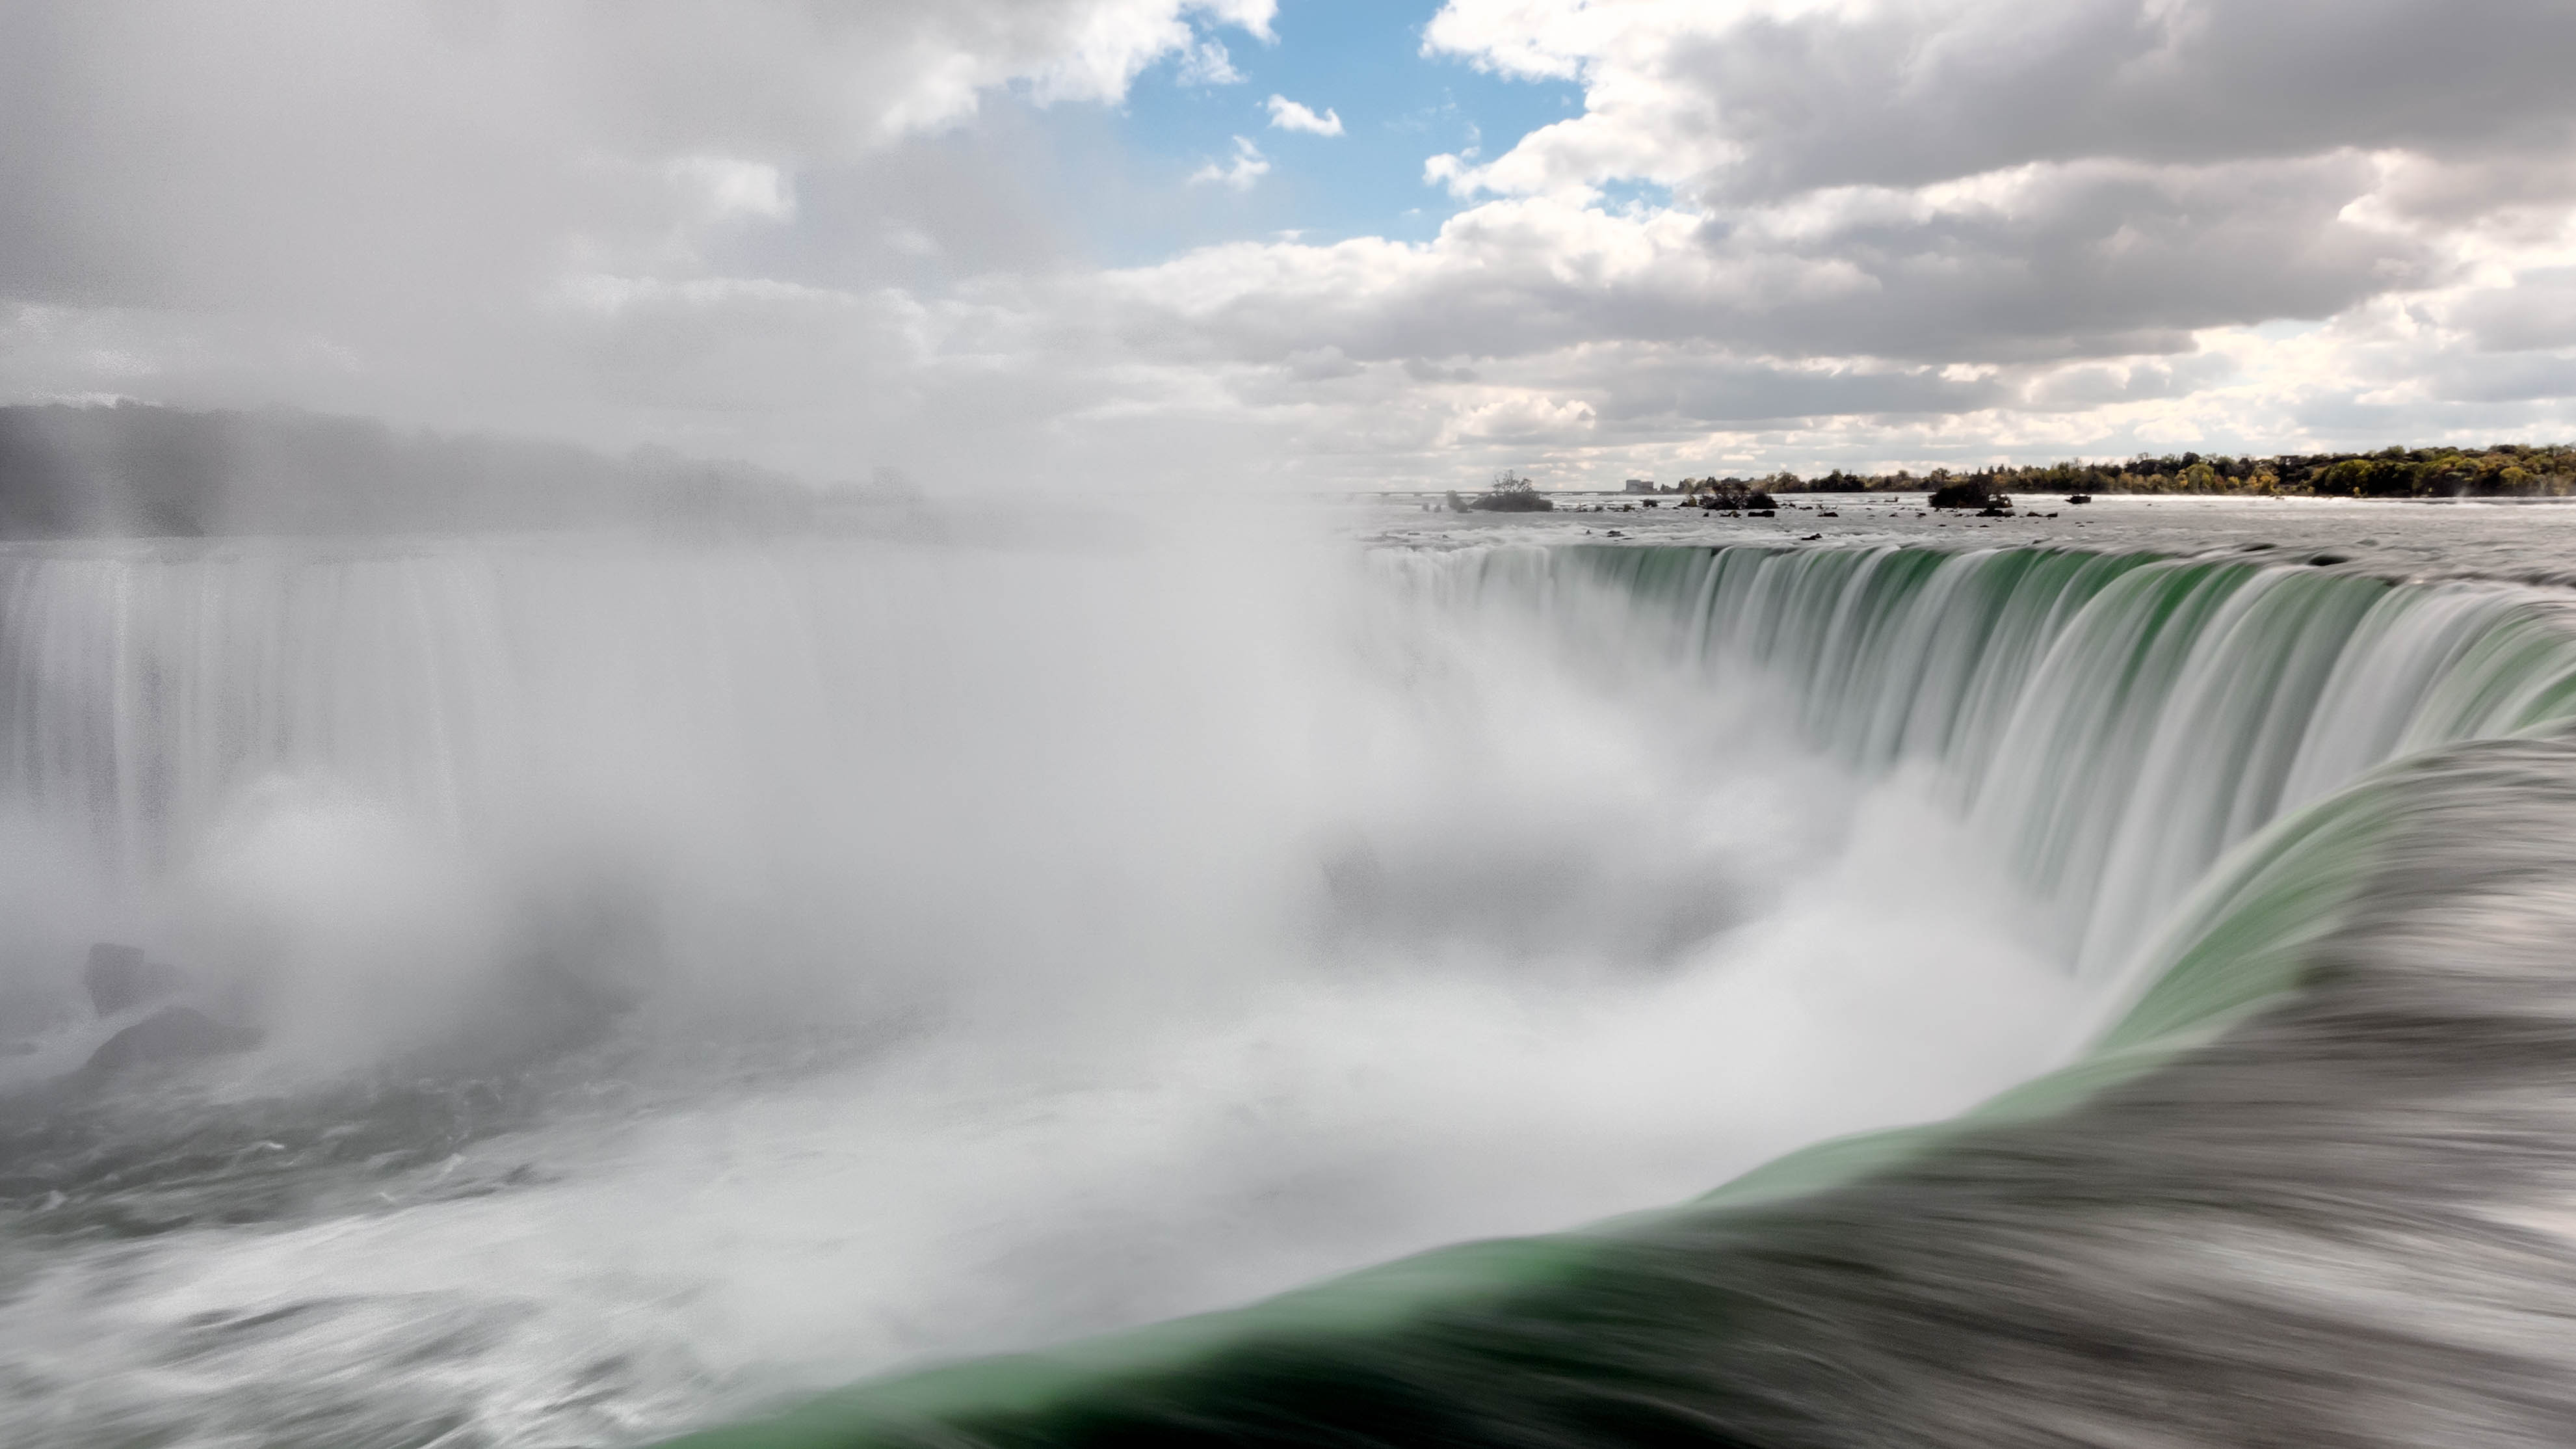 Niagara falls, ontario photo